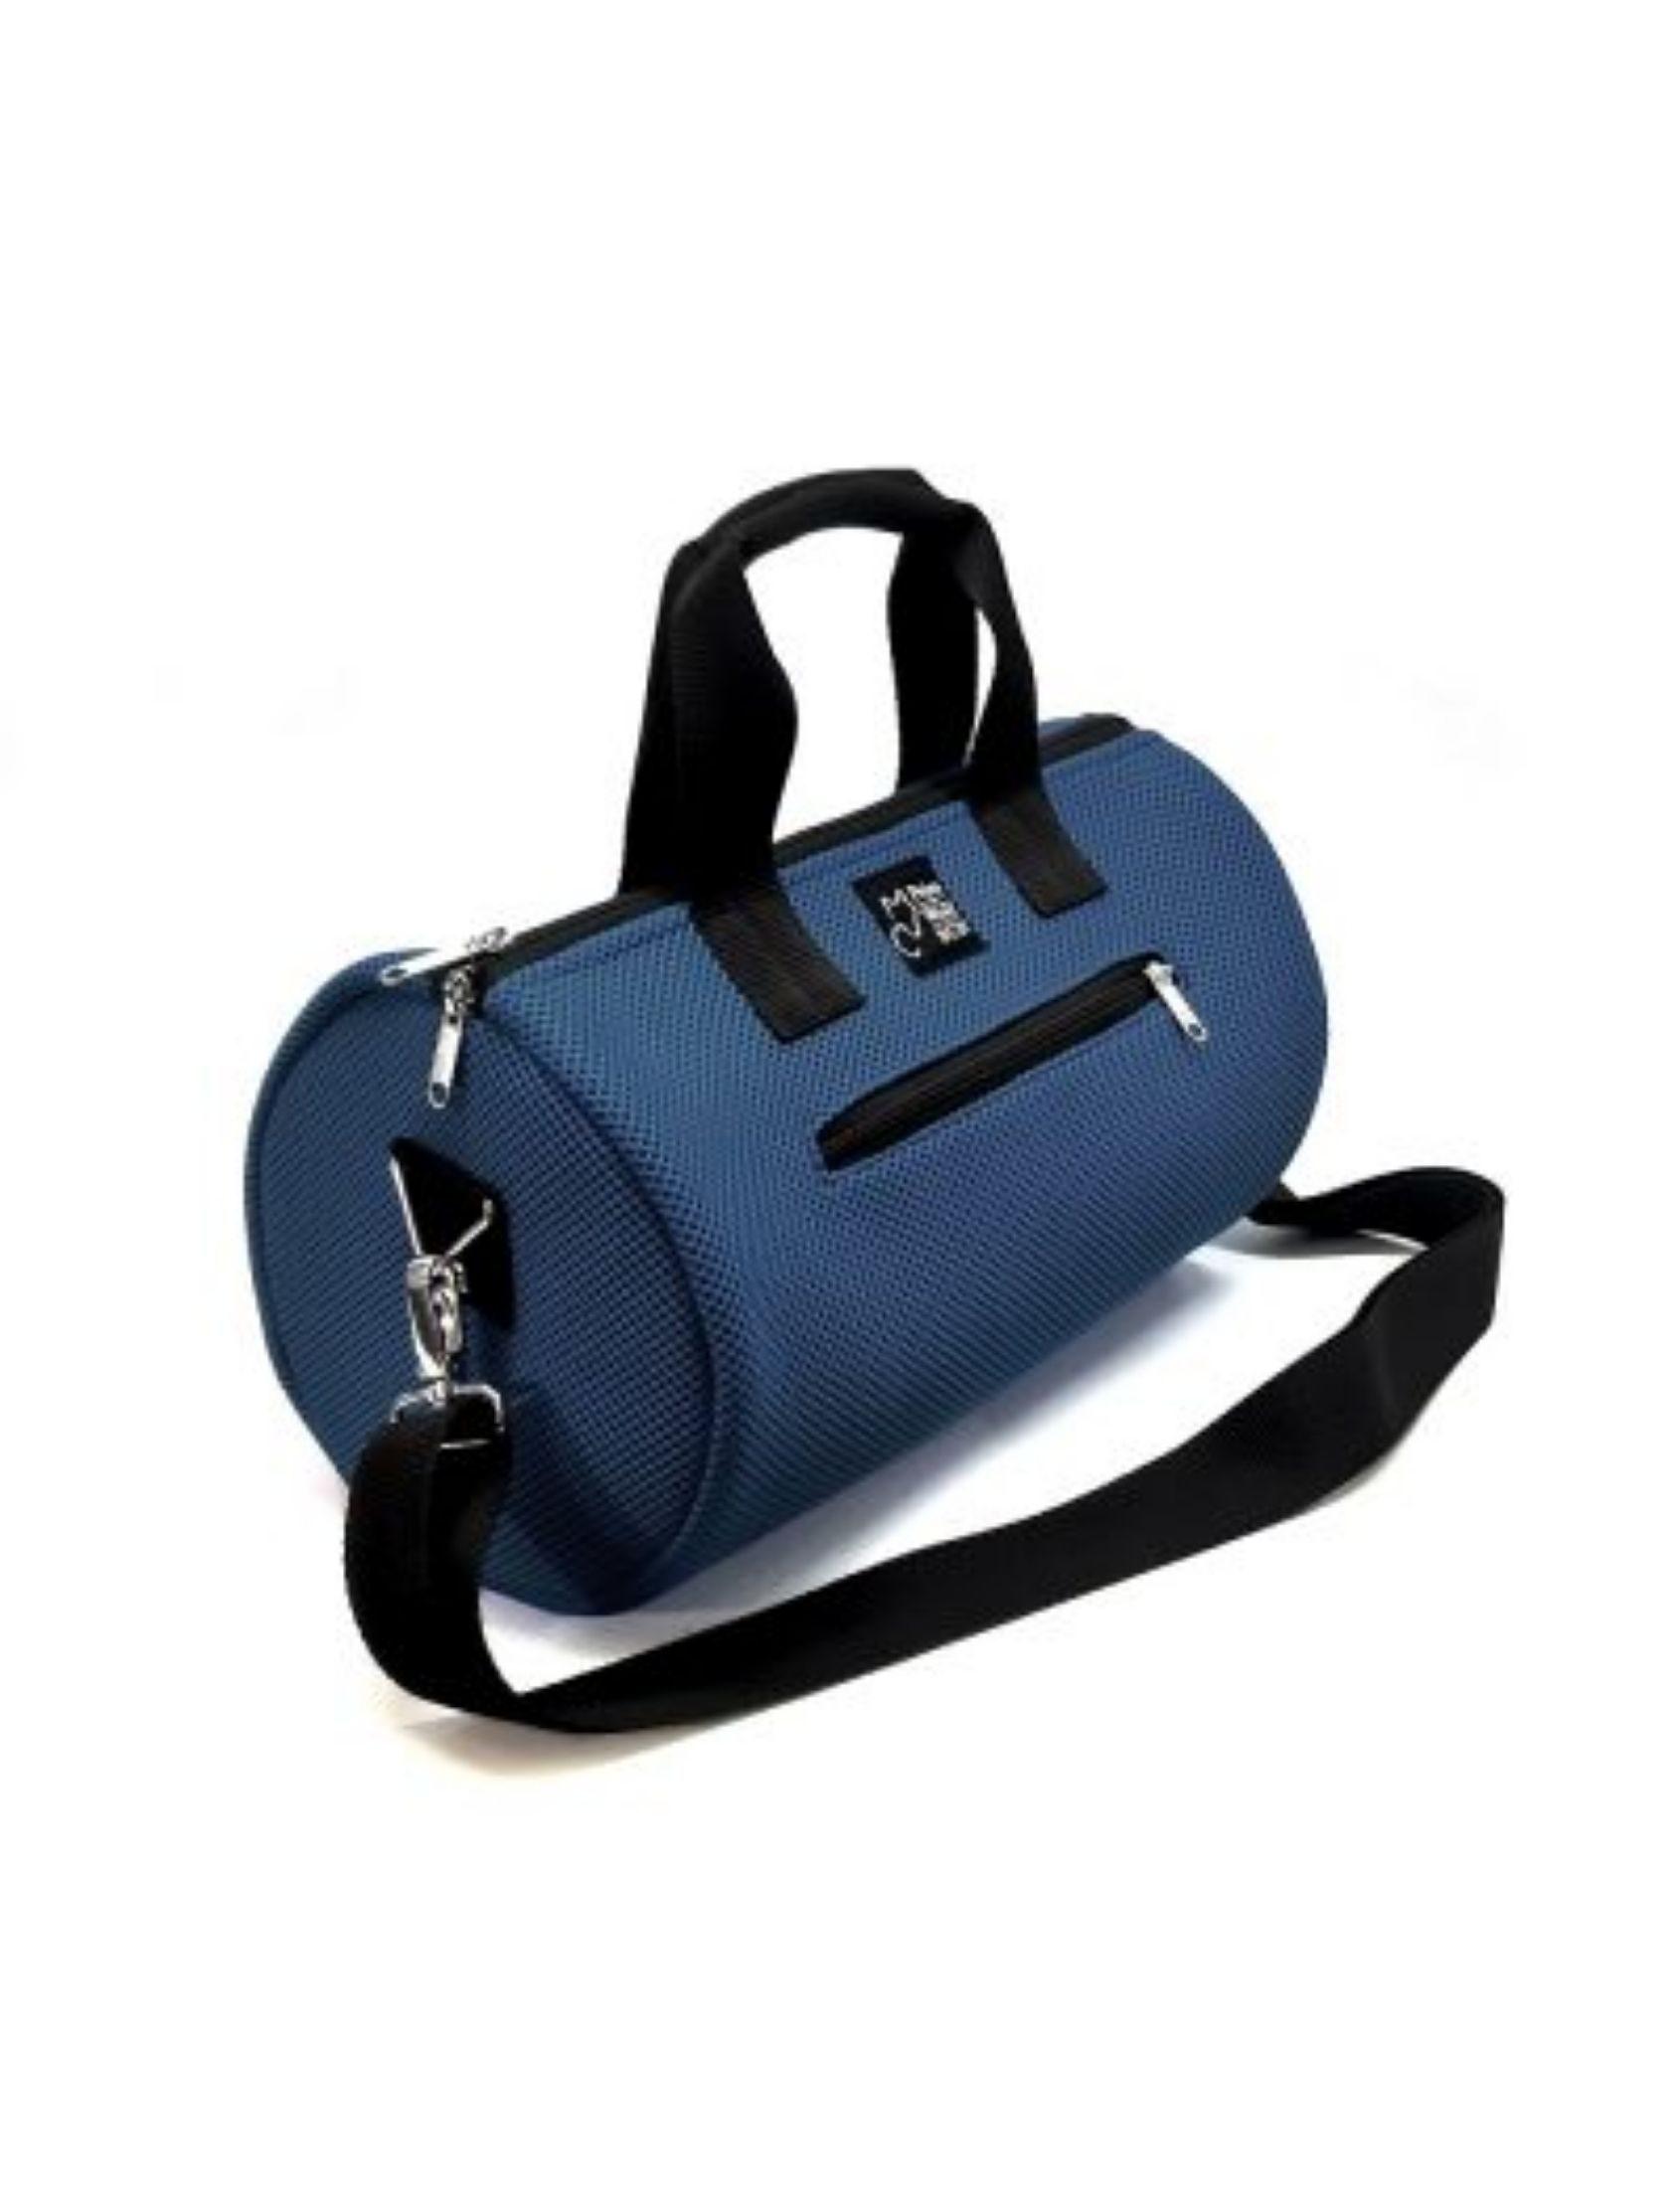 bolso de deporte con asa corta y bandolera en color azul marino de peter&Wolf Barccelona